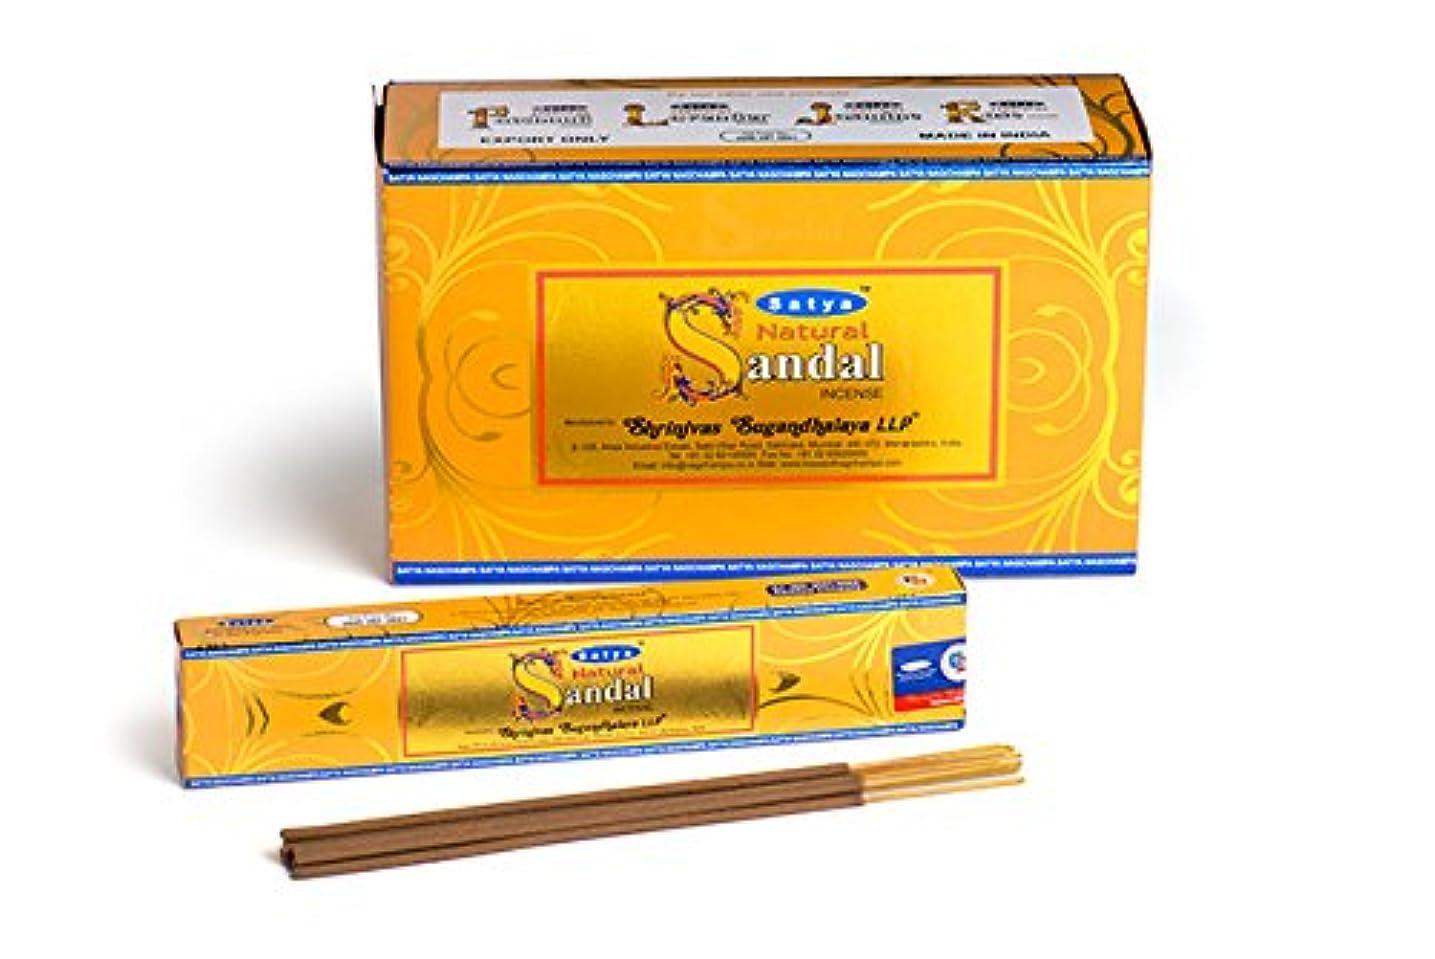 振る合理的飾るSatyaナチュラルChandan Incense Sticks 15グラムパック、12カウントin aボックス